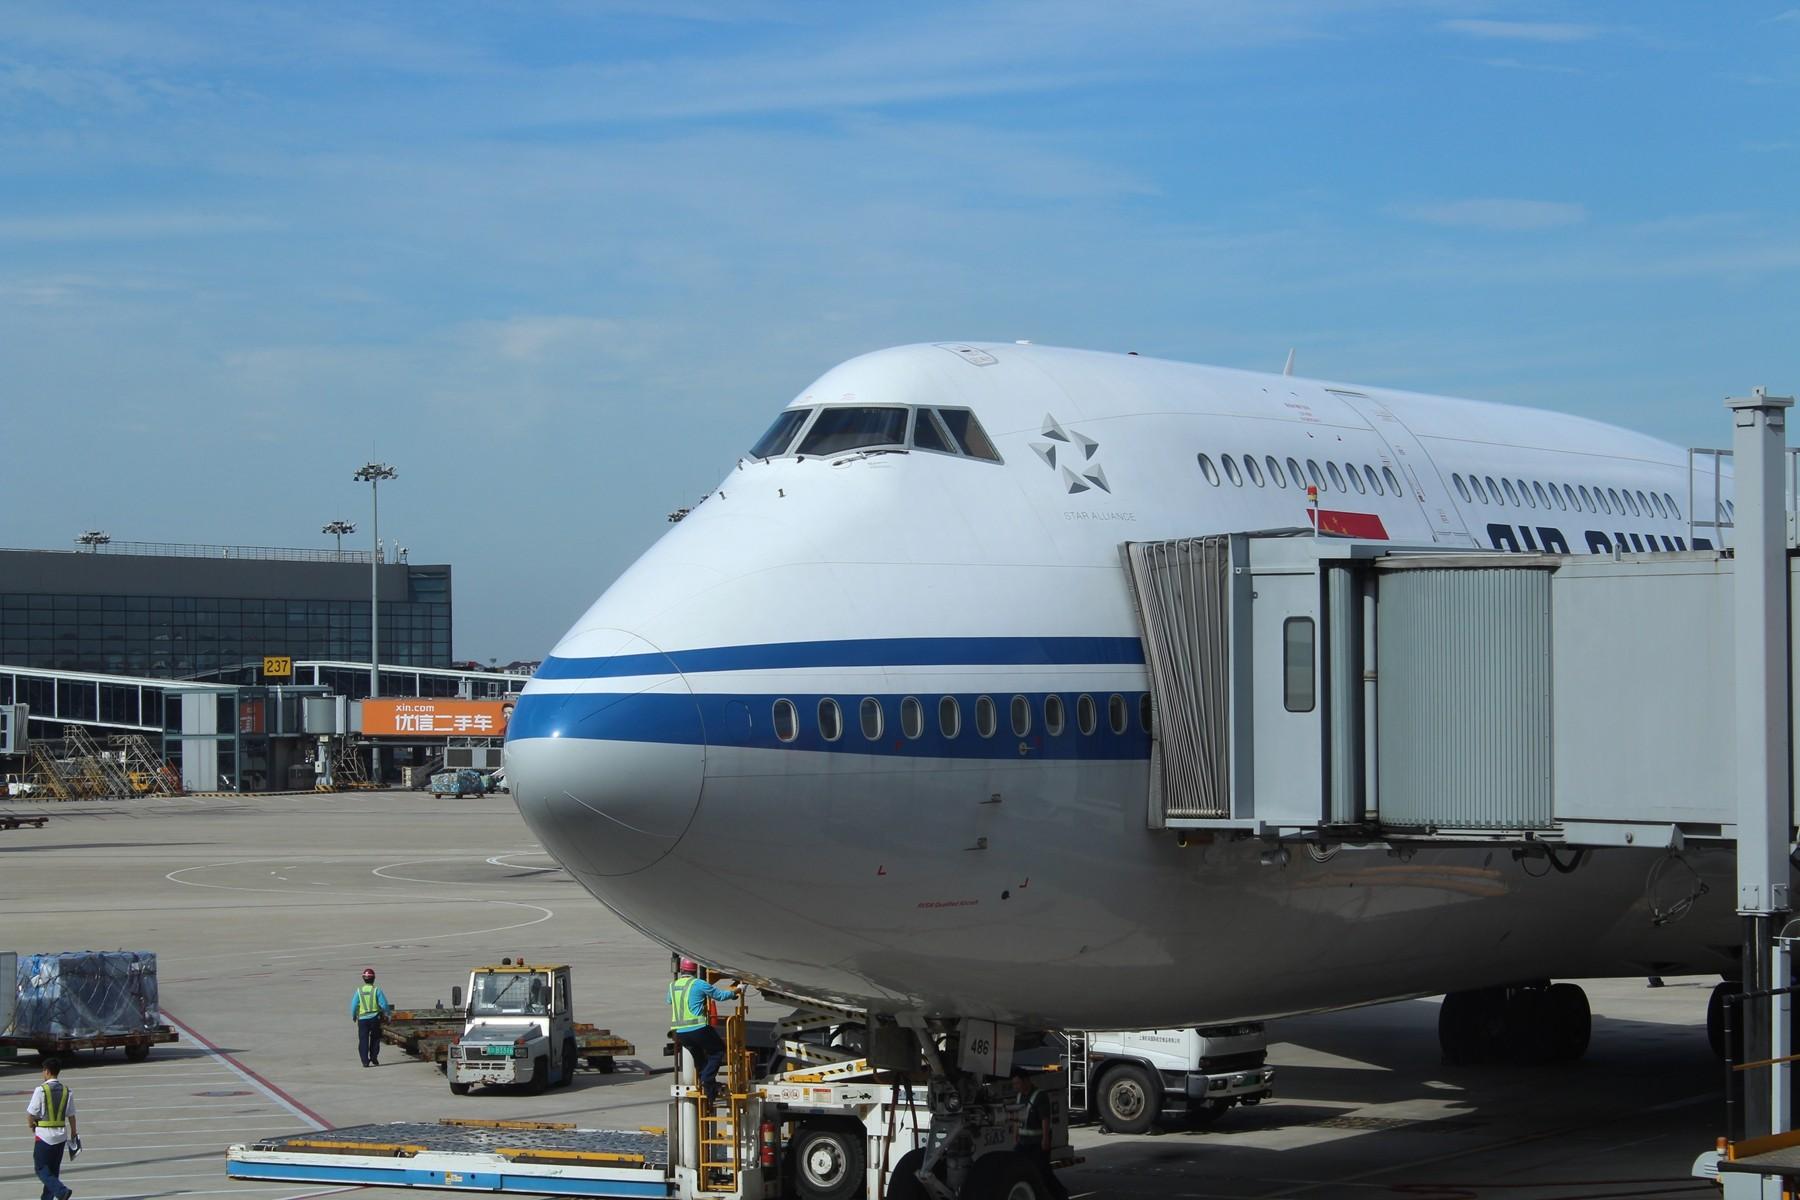 [原创]波音748,专程为你而来的一次京沪快线迪士尼之旅(第一次发图,请多包涵)